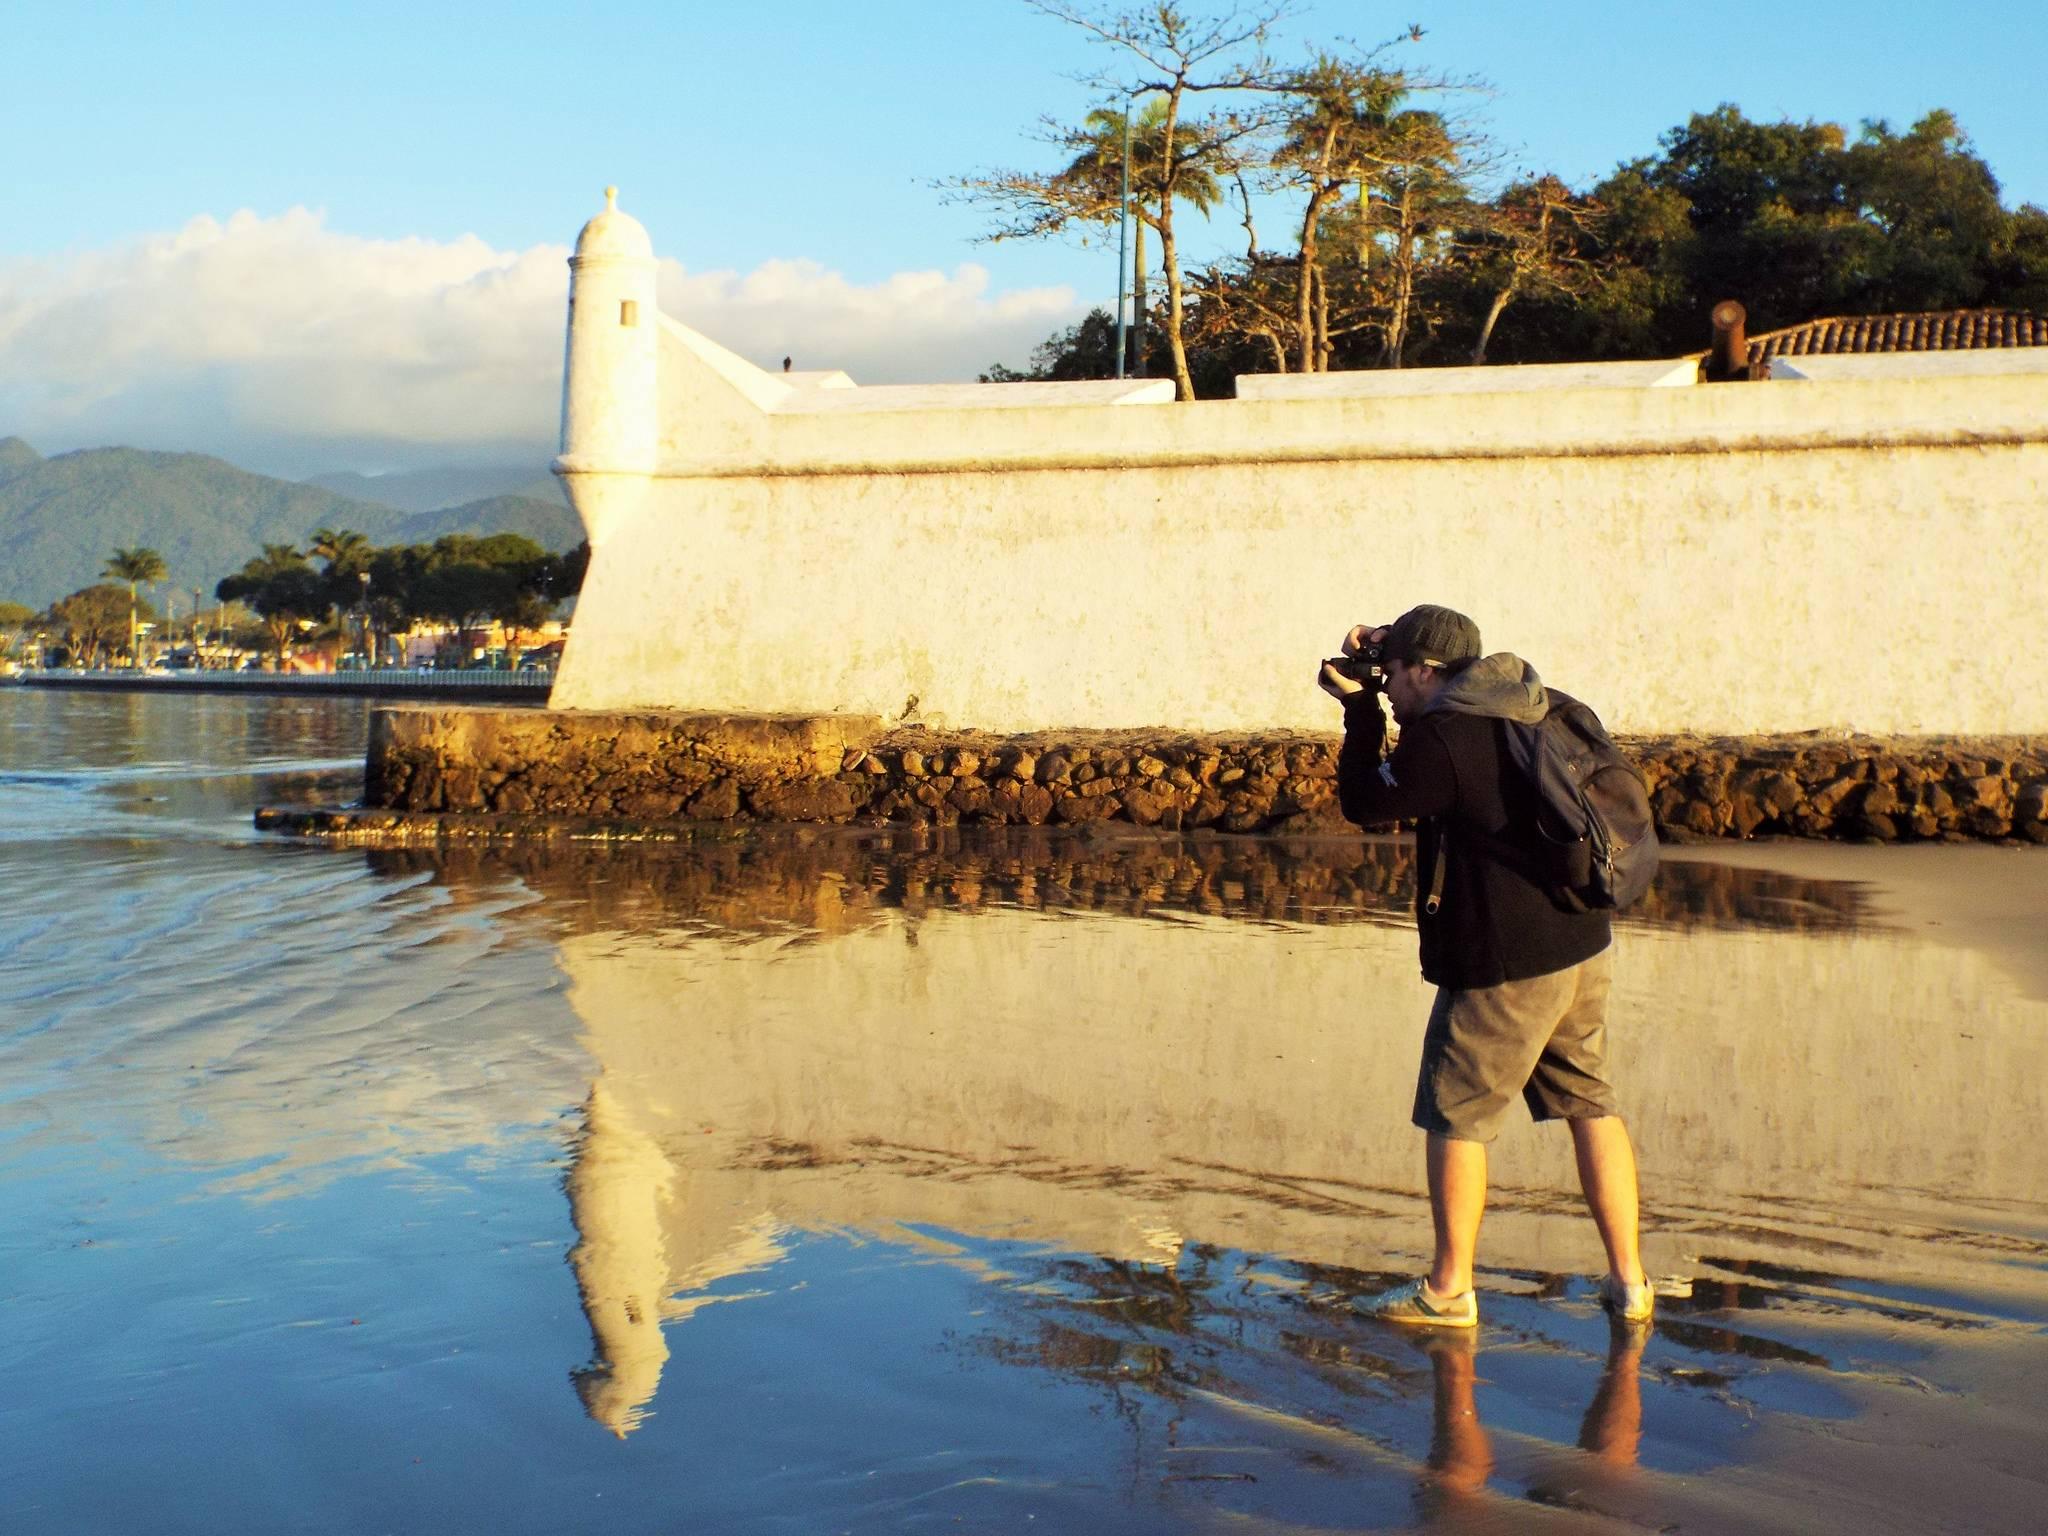 www.juicysantos.com.br - revela bertioga oferece cursos de fotografia gratuitos em bertioga